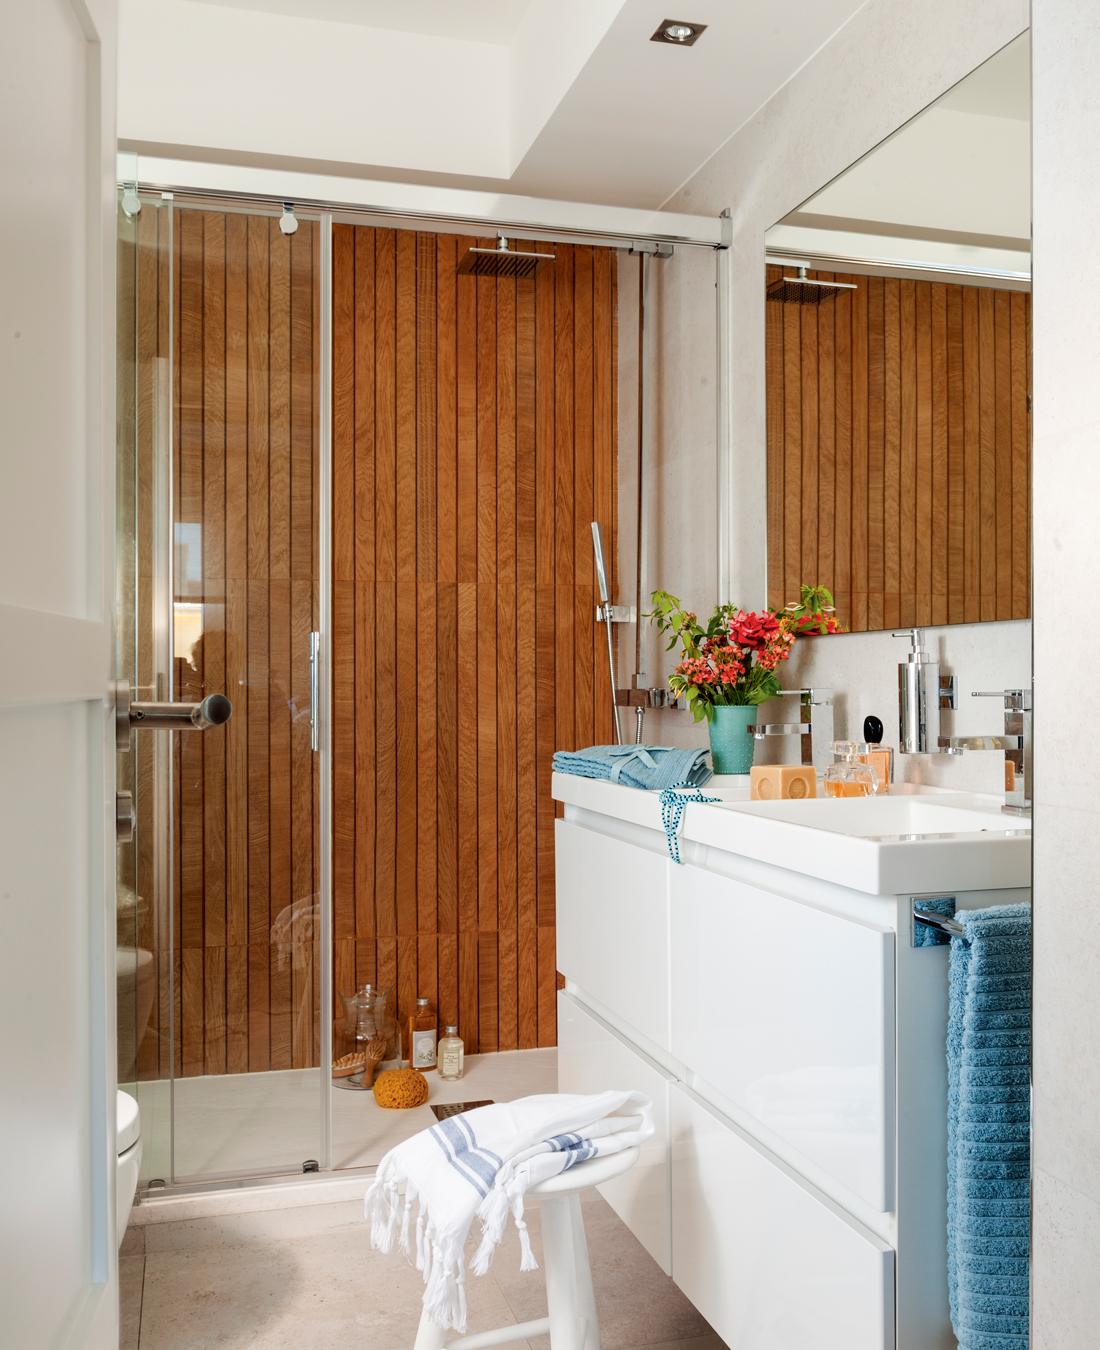 Reforma tu ba o de ba era a ducha - Revestimiento imitacion madera ...